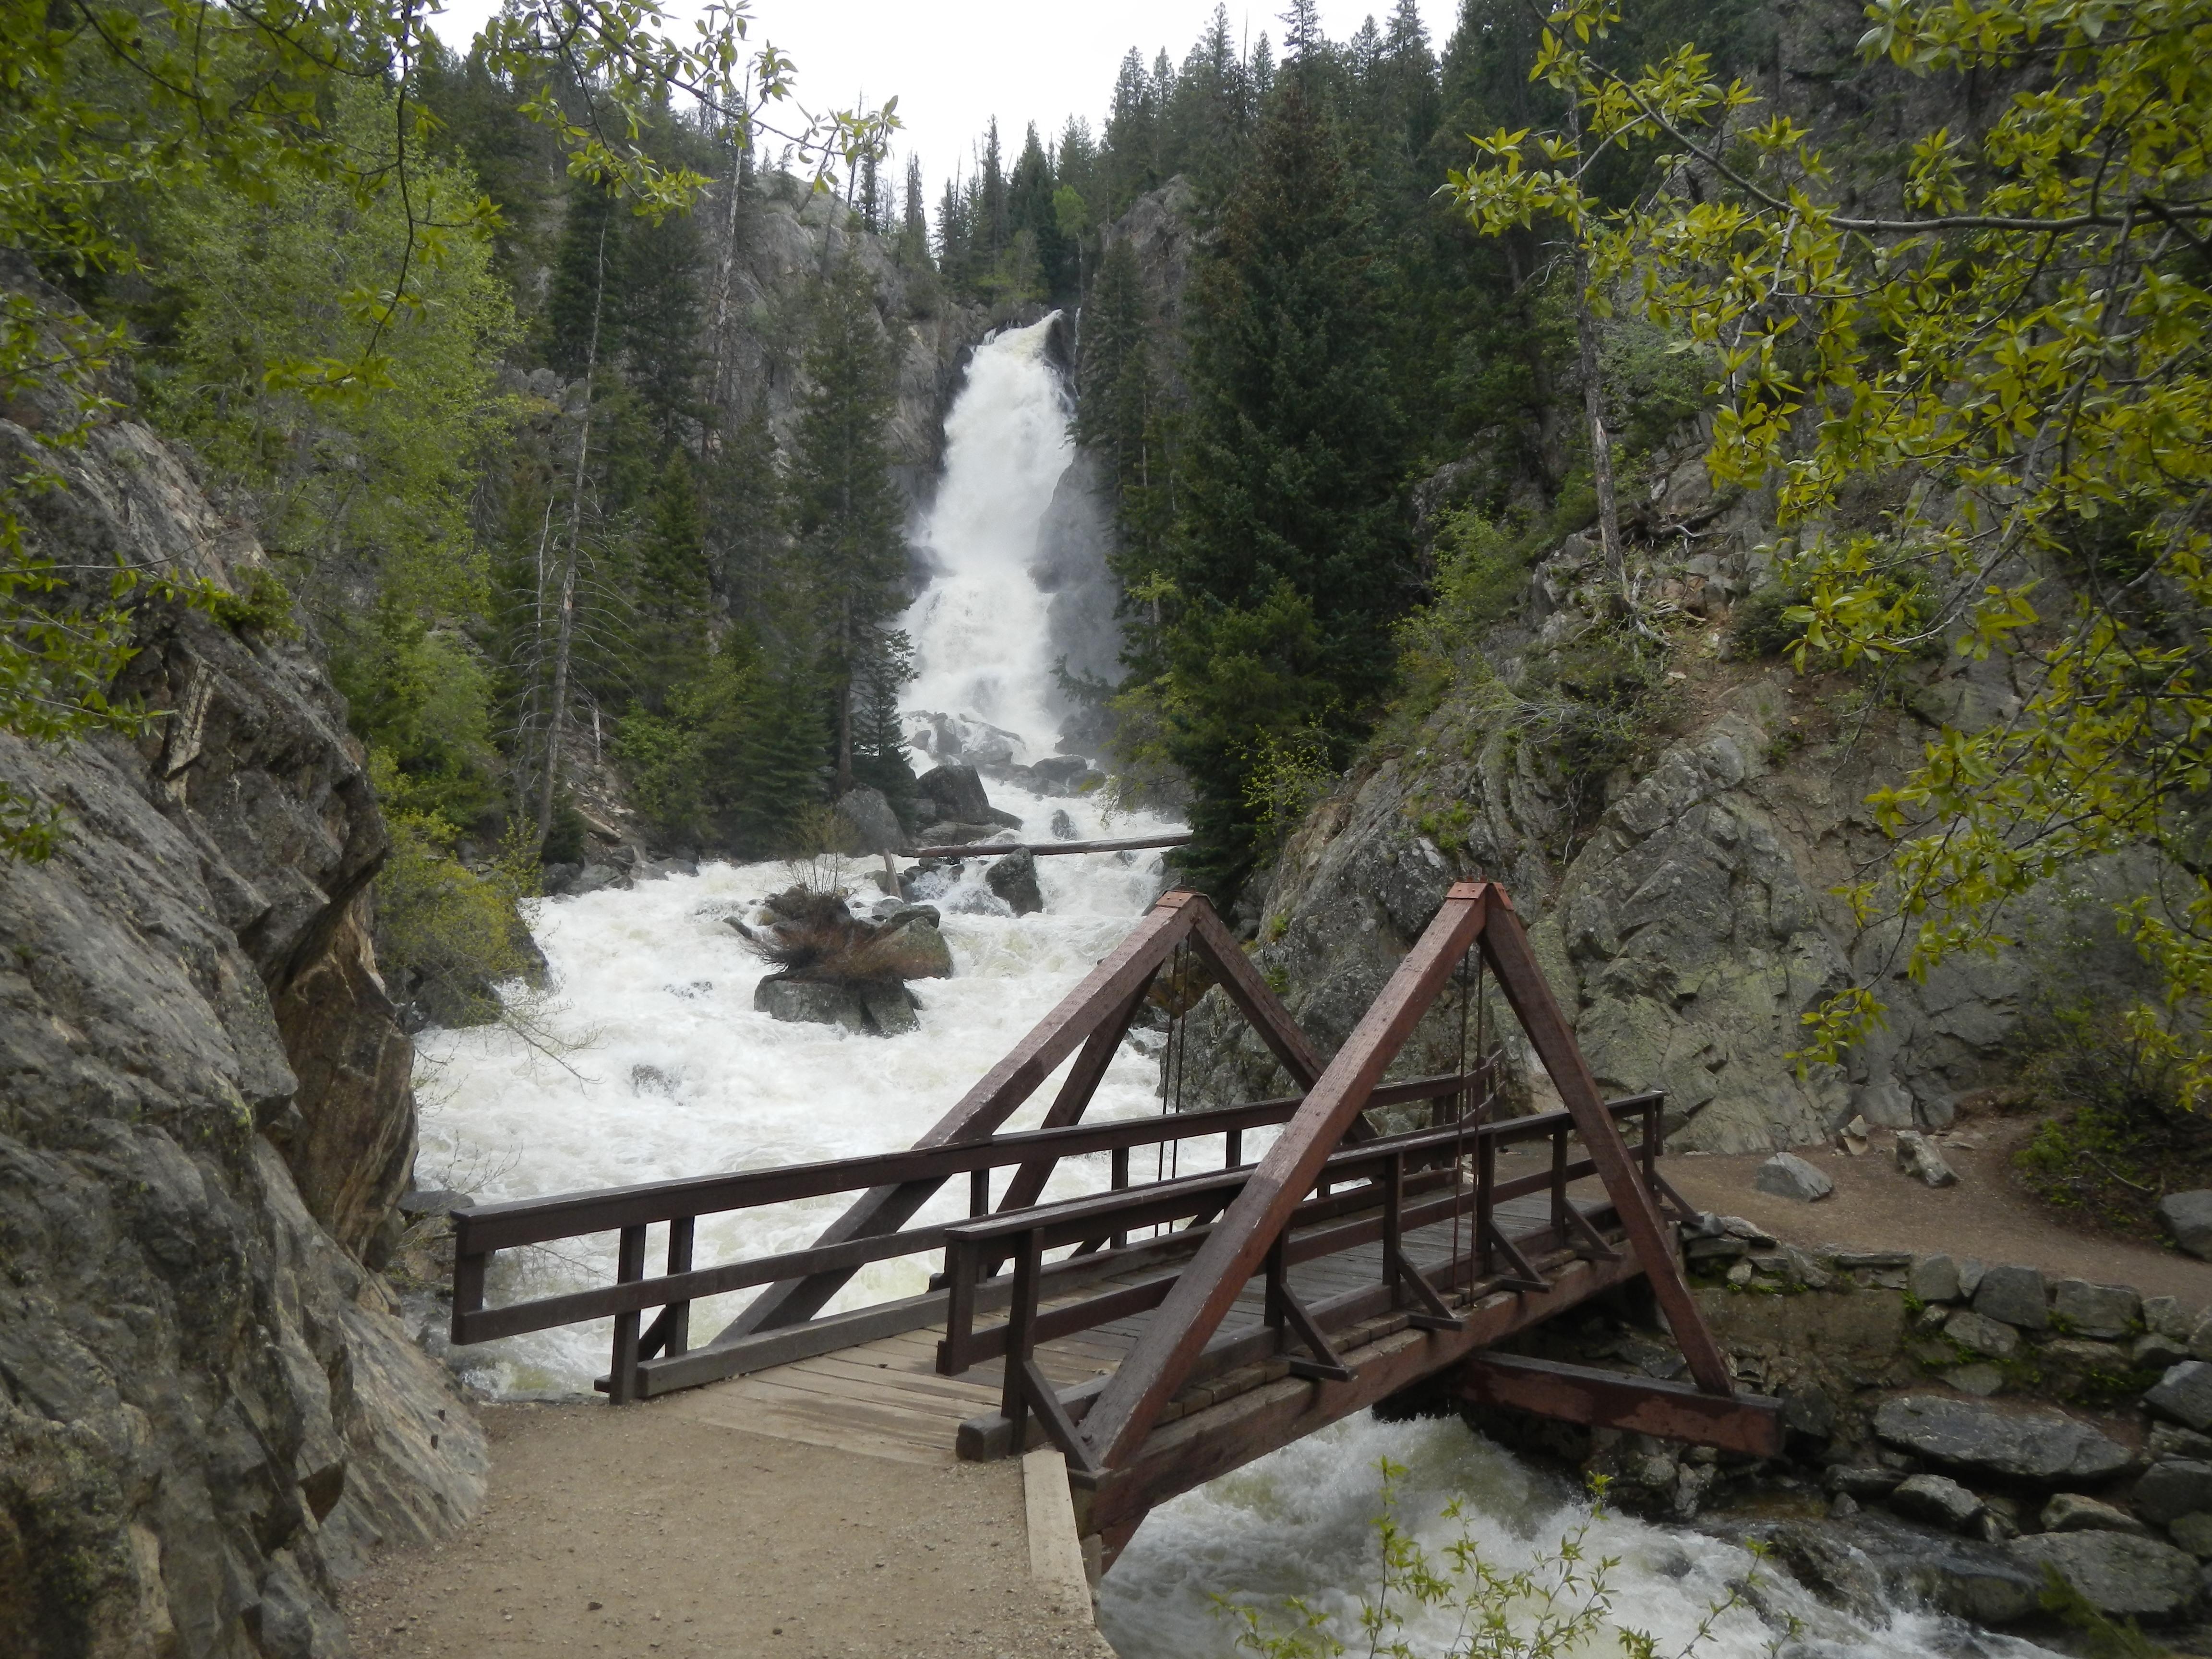 Fish creek falls in steamboat springs jason 39 s travels for Fish creek falls